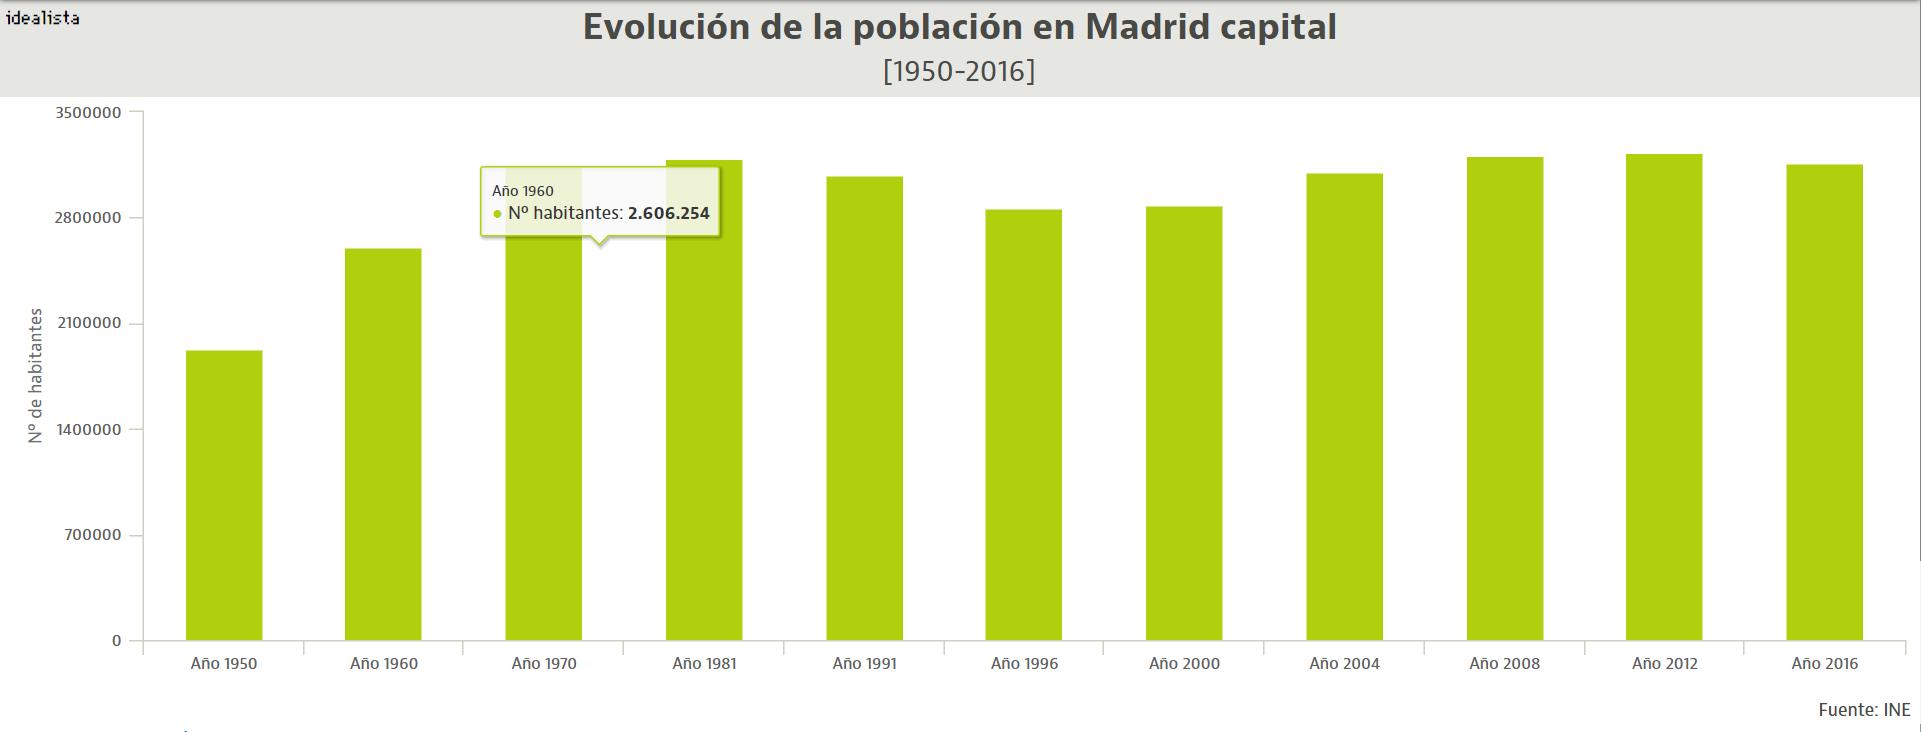 La teoría del donut o cómo la política urbanística ha llevado a Madrid a los años 80